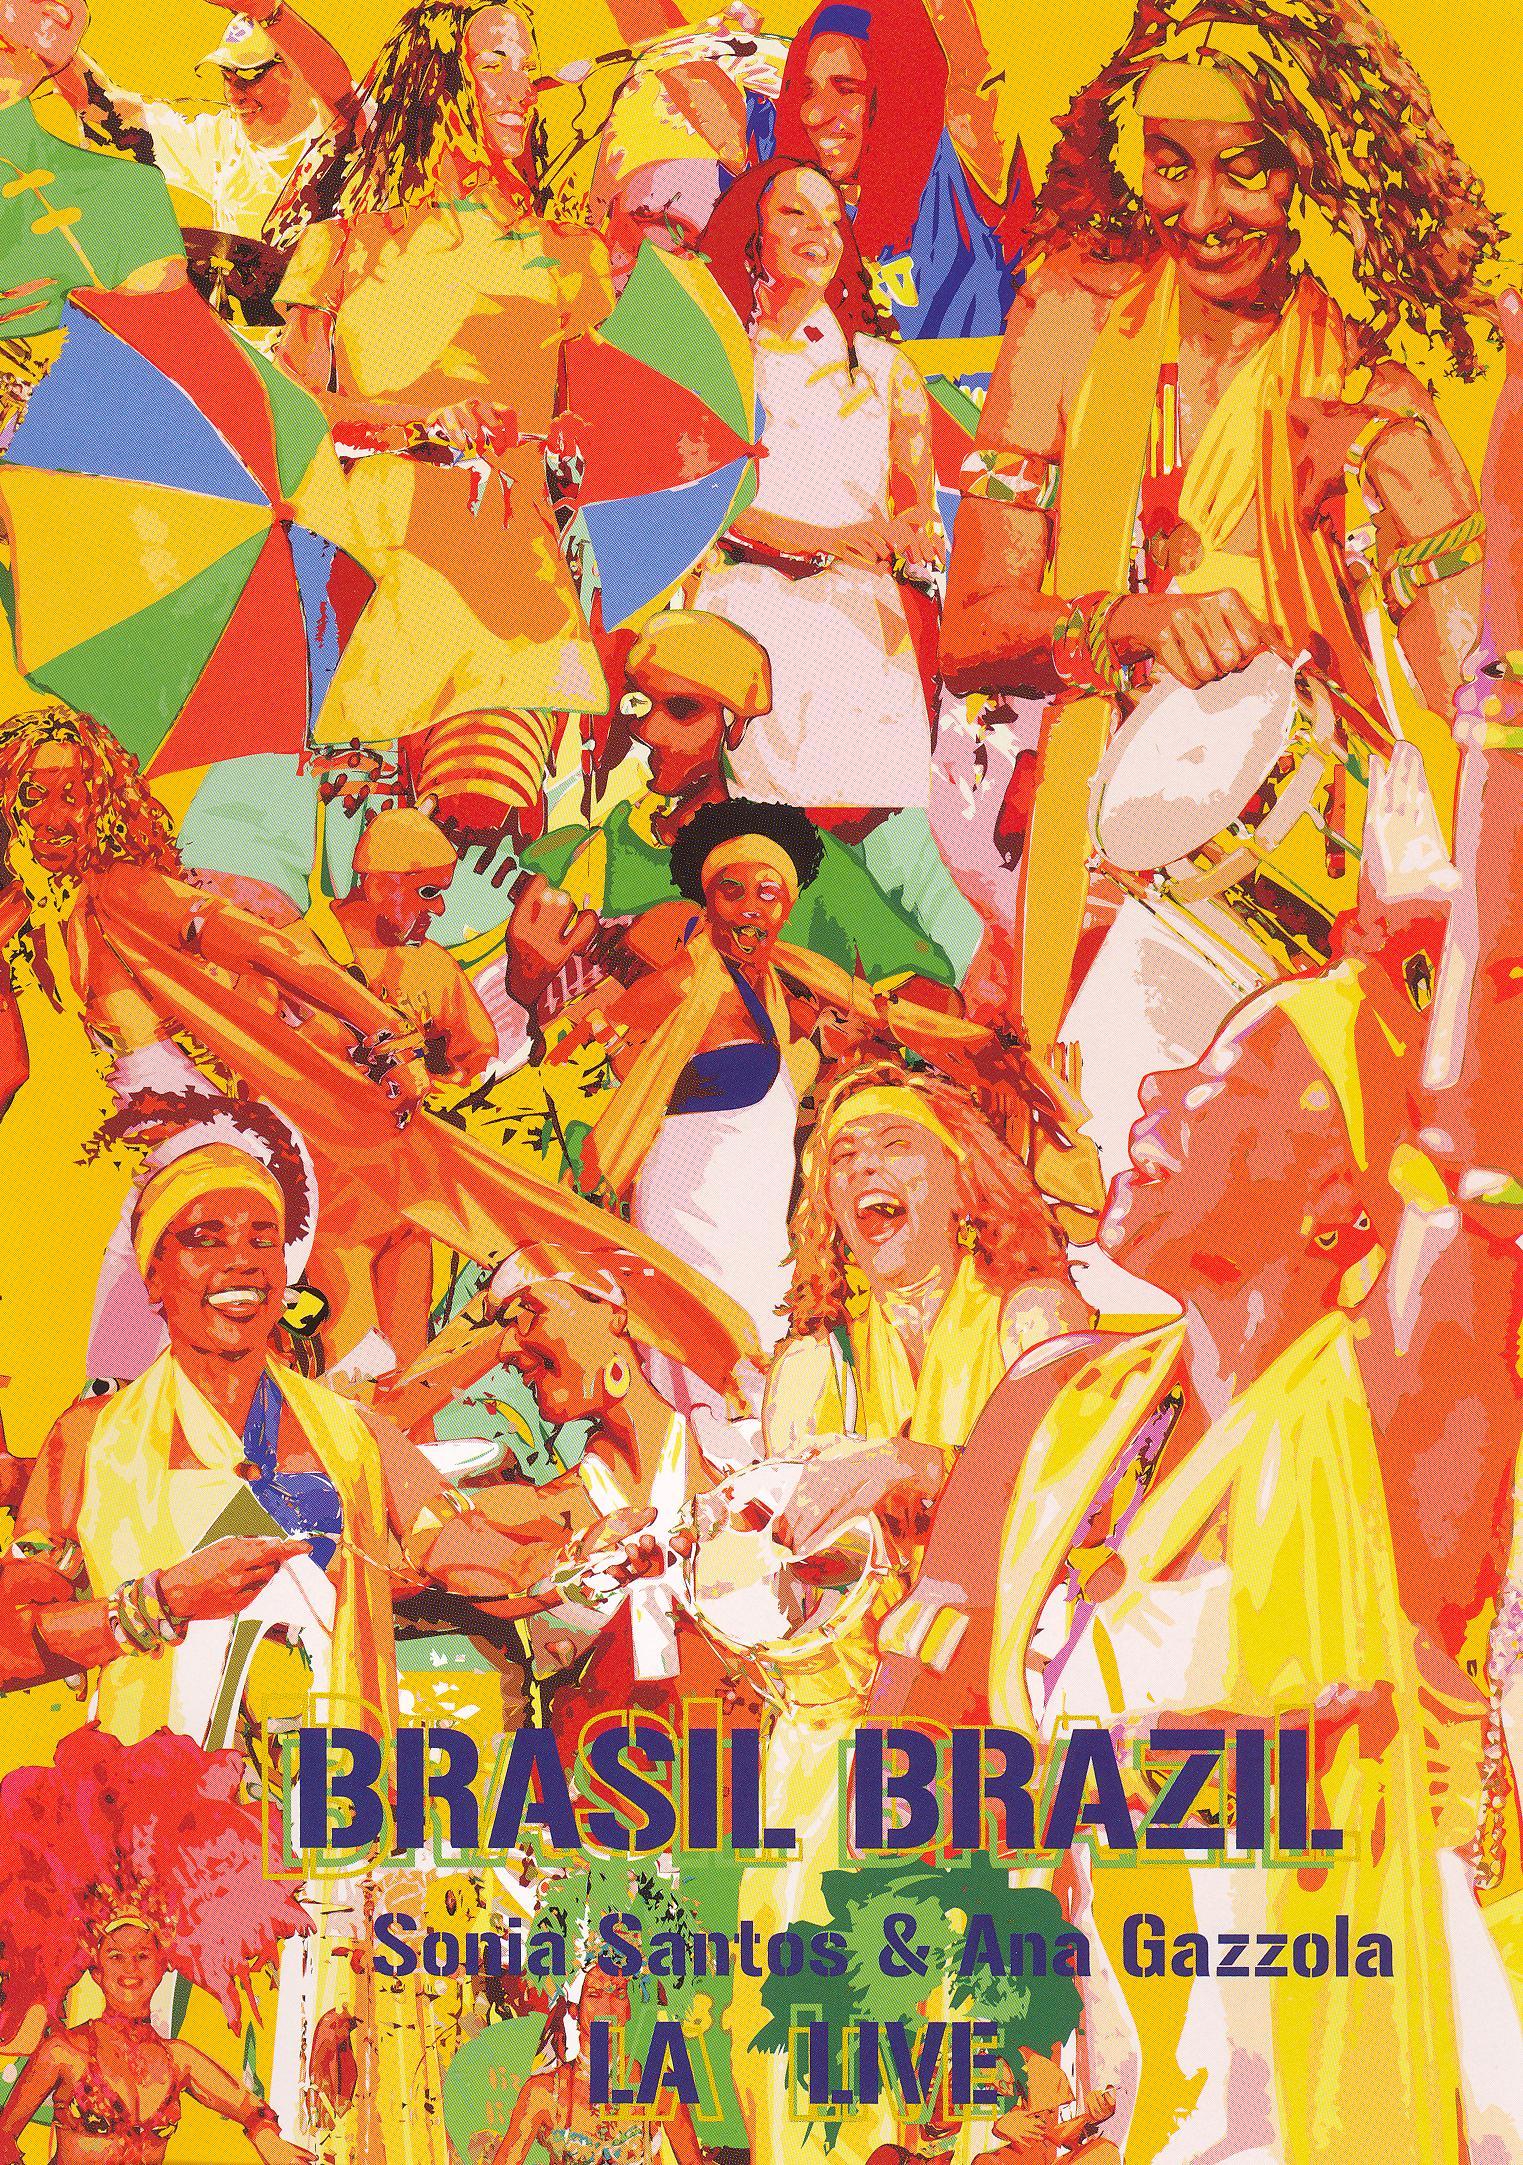 Brasil Brazil: Ana Gazzola and Sonia Santos - L.A. Live